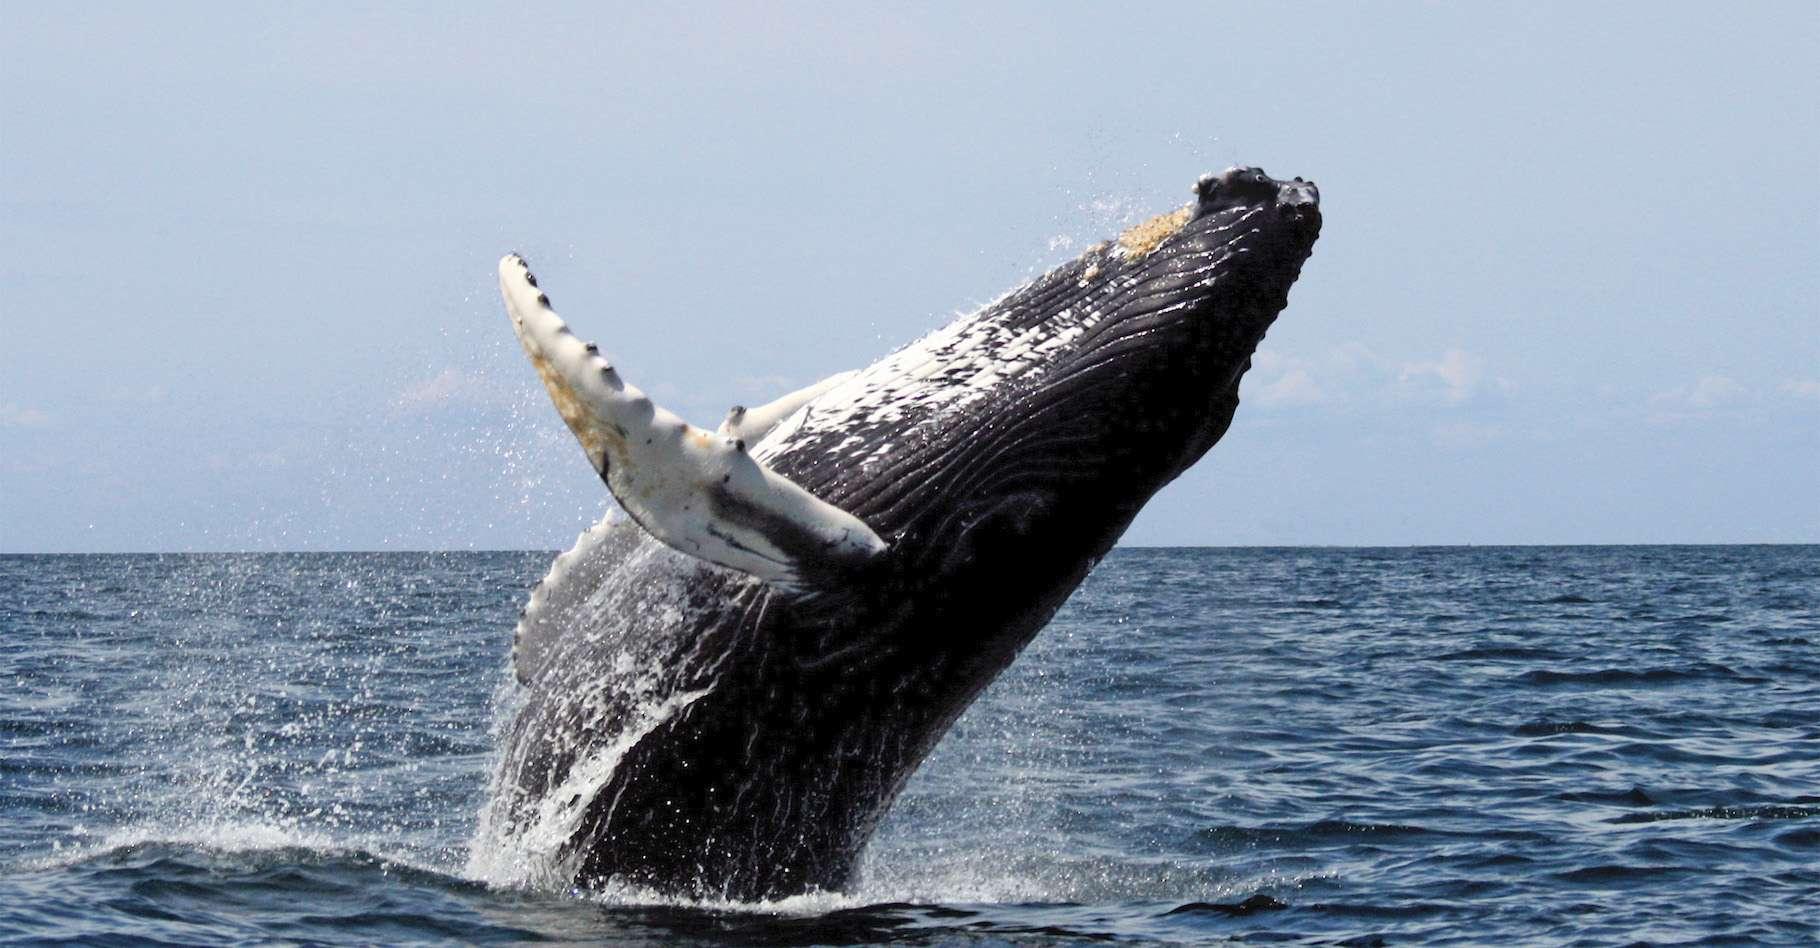 Des chercheurs nous offrent des images inédites de baleines à bosse en train de se nourrir à l'aide de filet de bulles. © Wwelles14, Wikipedia, CC by-3.0